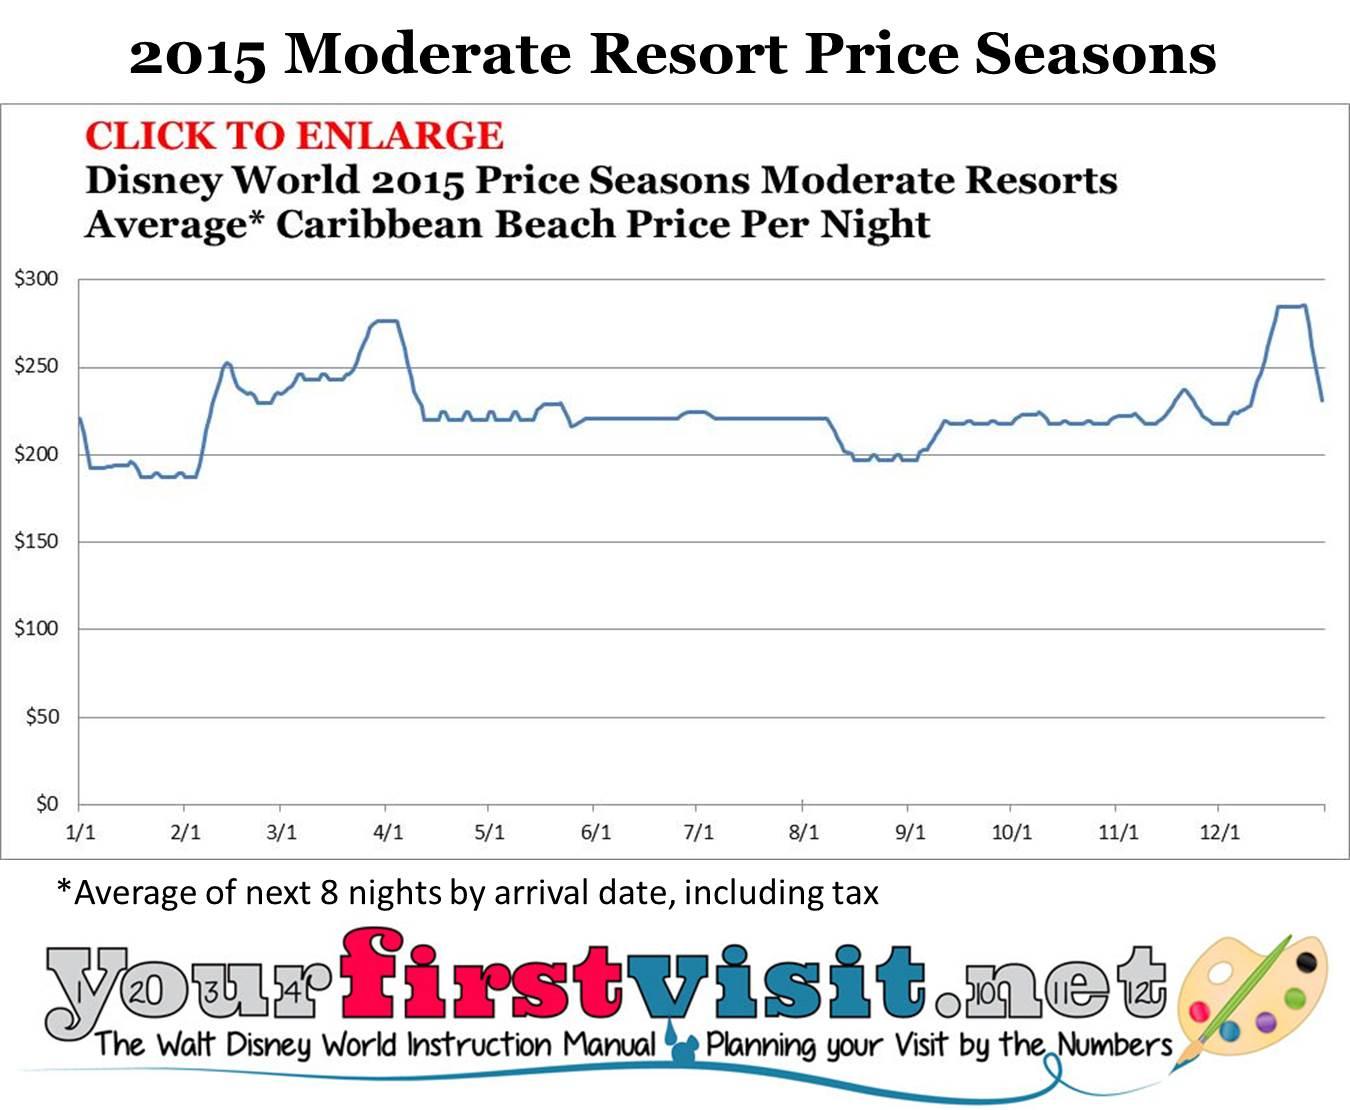 Disney World 2015 Moderate Resort Price Seasons from yourfirstvisit.net